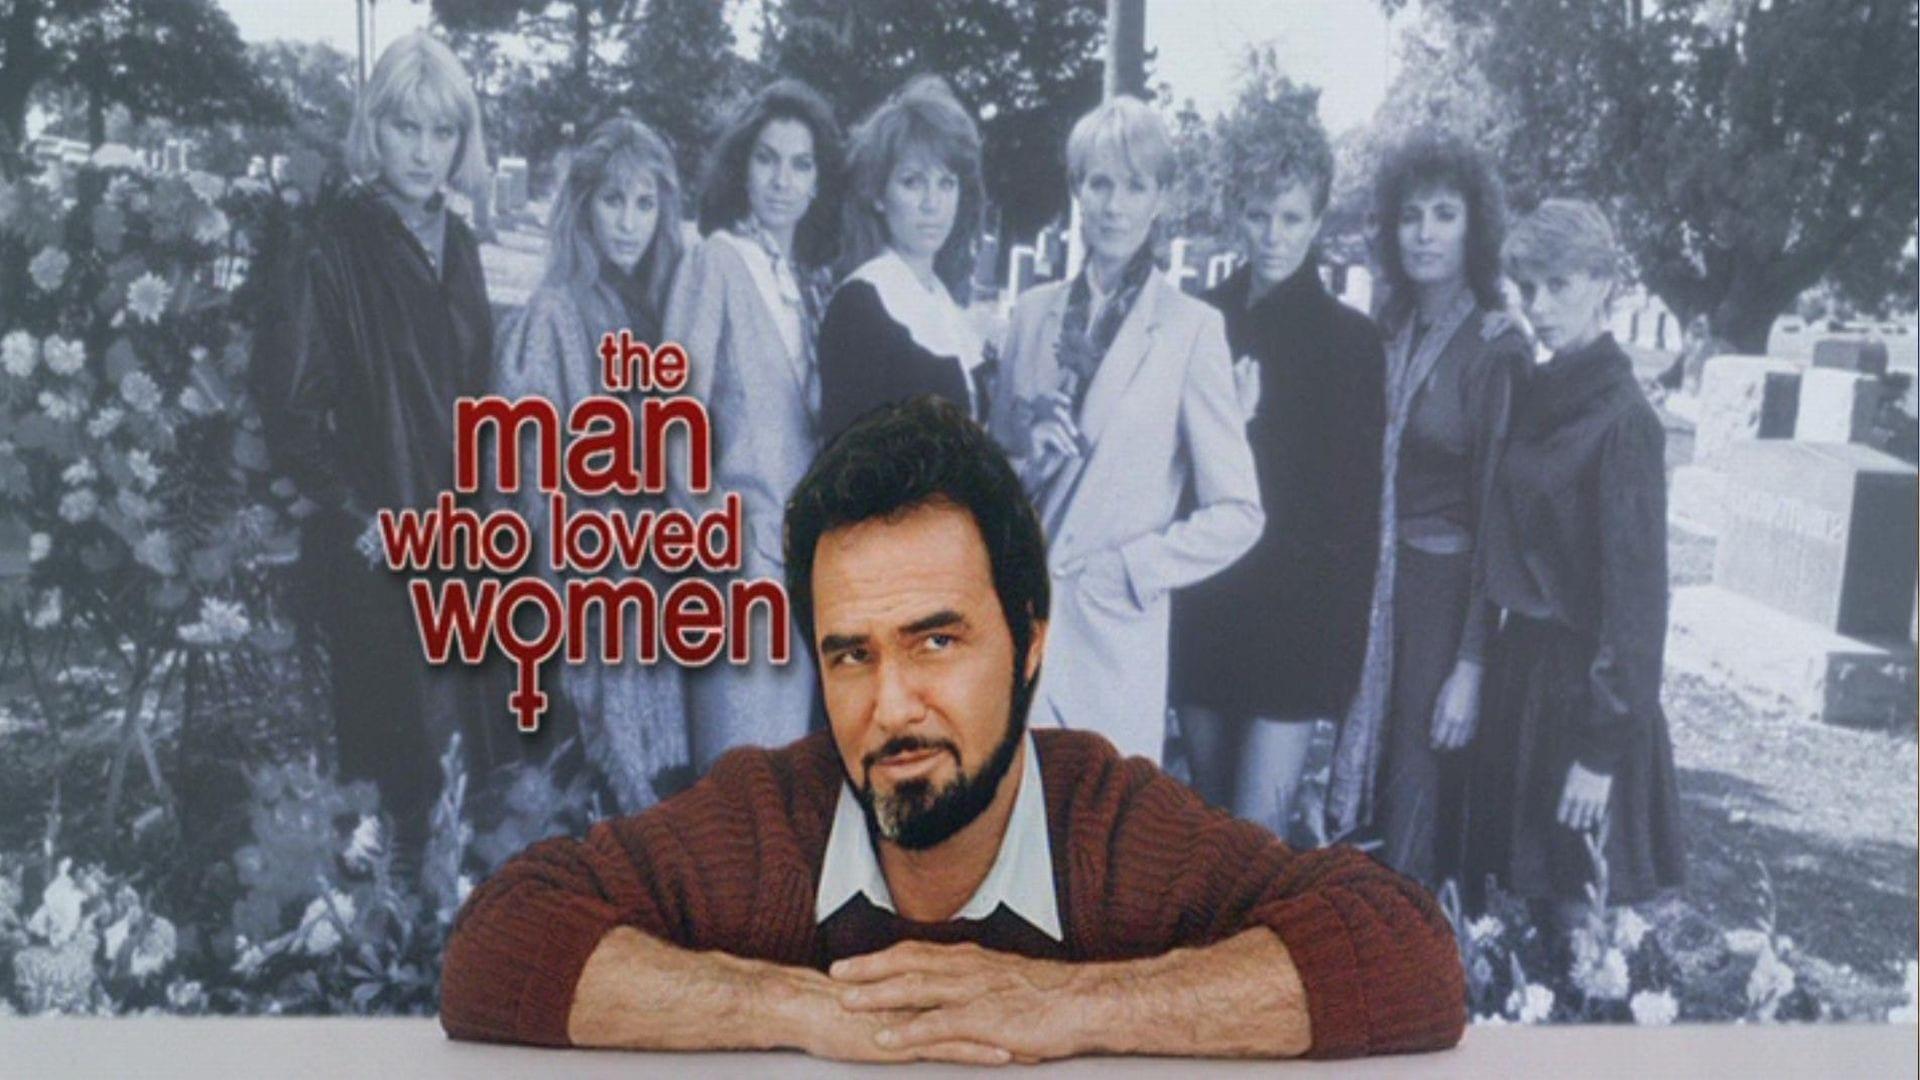 Regarder The Man Who Loved Women en streaming gratuit